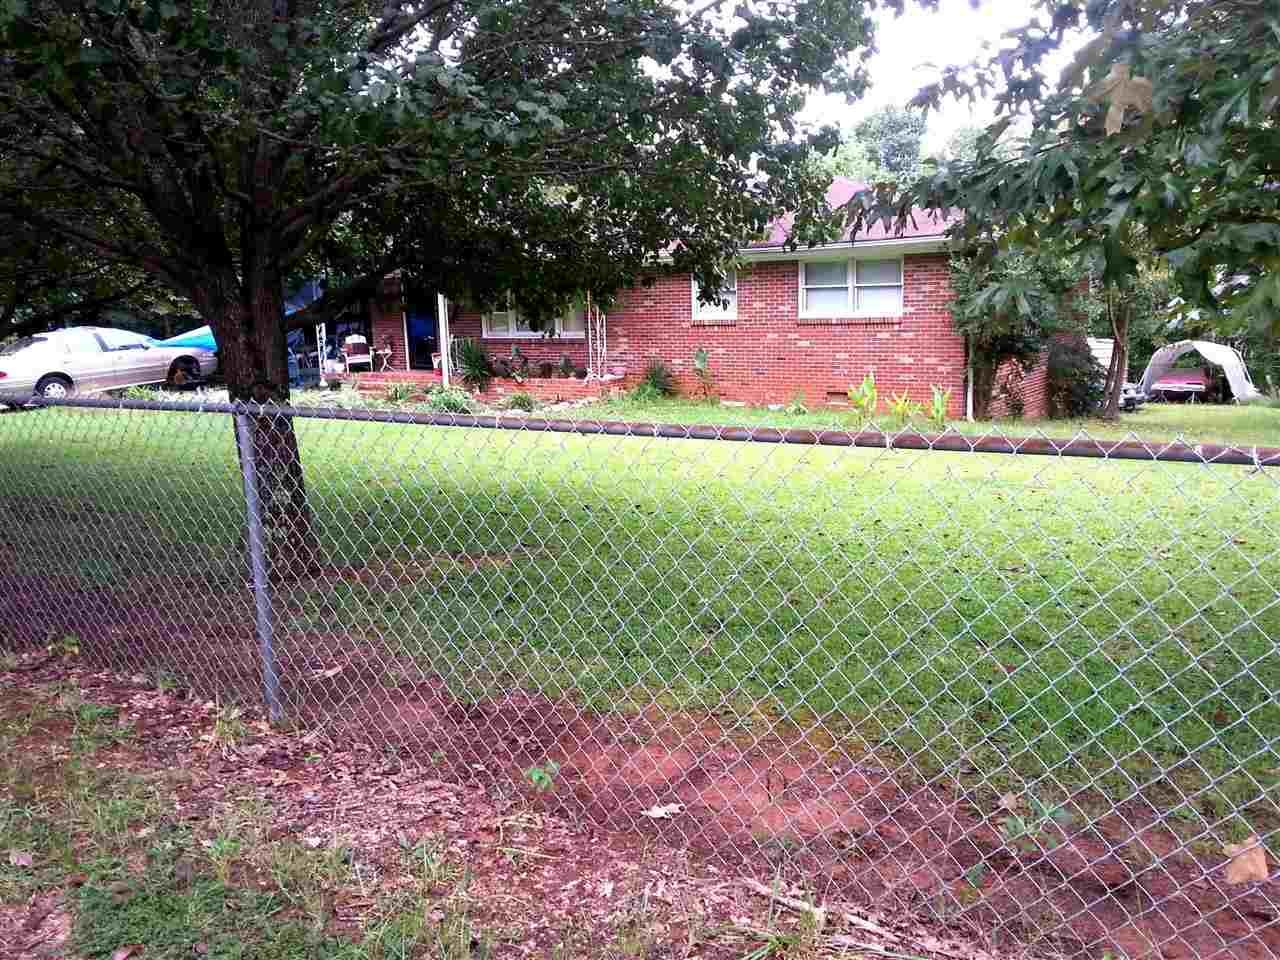 Real Estate for Sale, ListingId: 29890733, Easley,SC29640